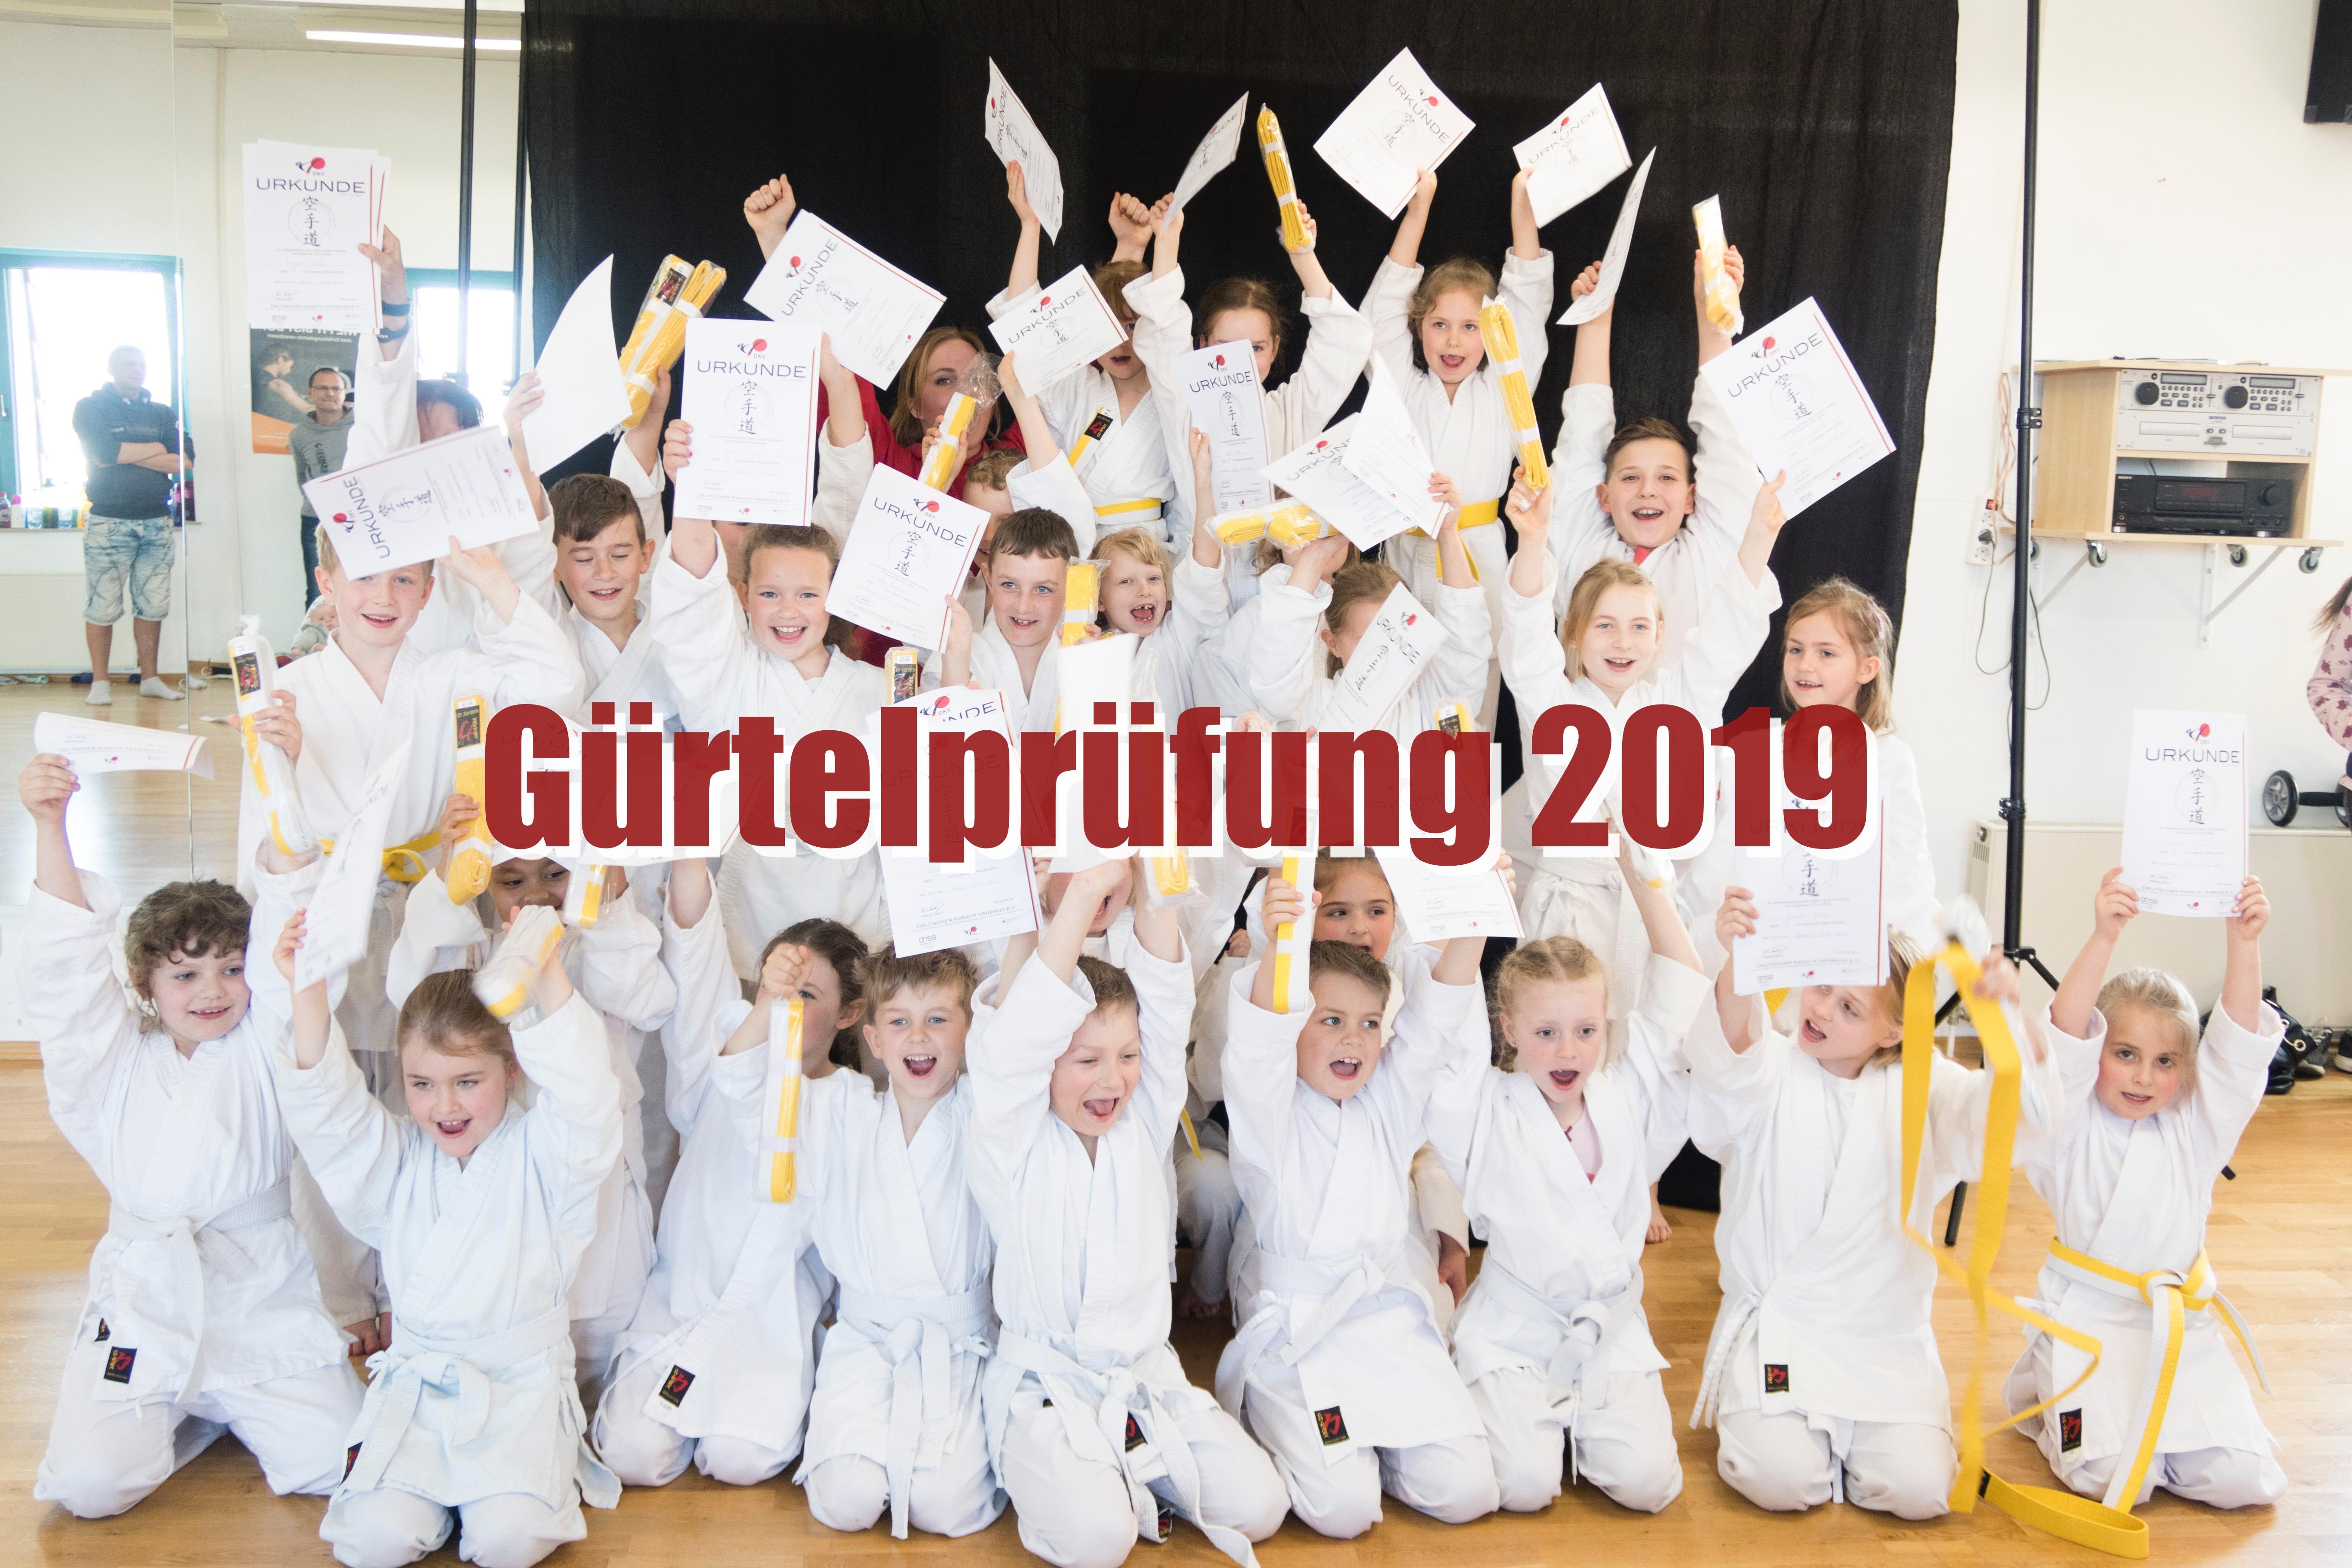 Gürtelprüfung 2019